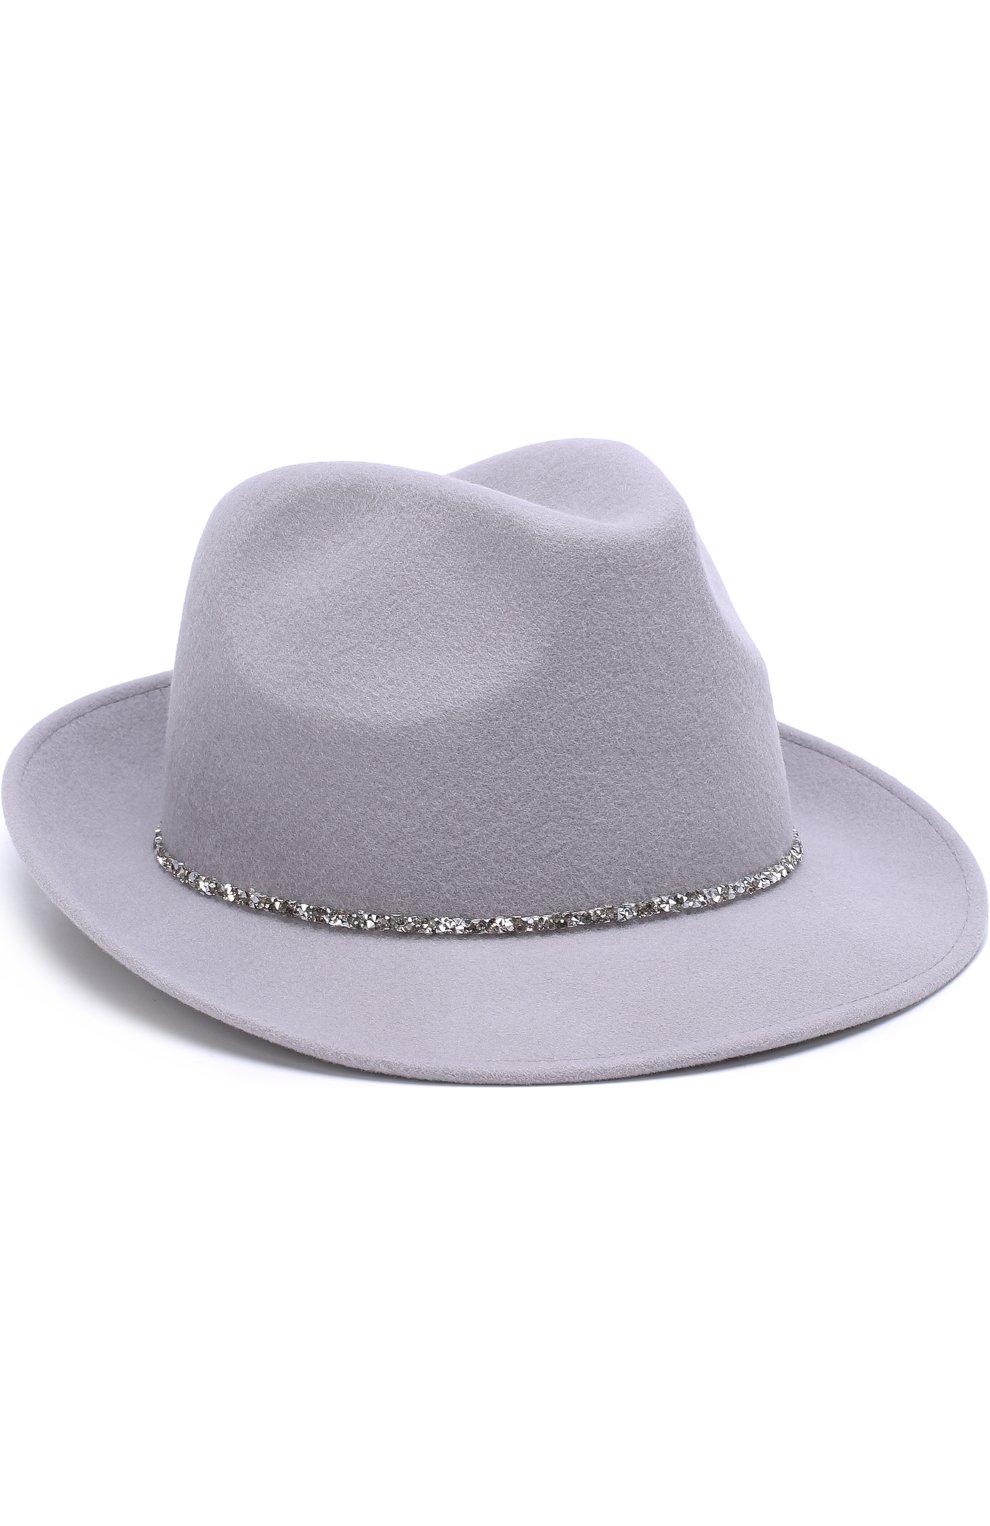 f8ccda41f6f7 Шерстяная шляпа с отделкой стразами EUGENIA KIM светло-серого цвета —  купить за 29900 ...